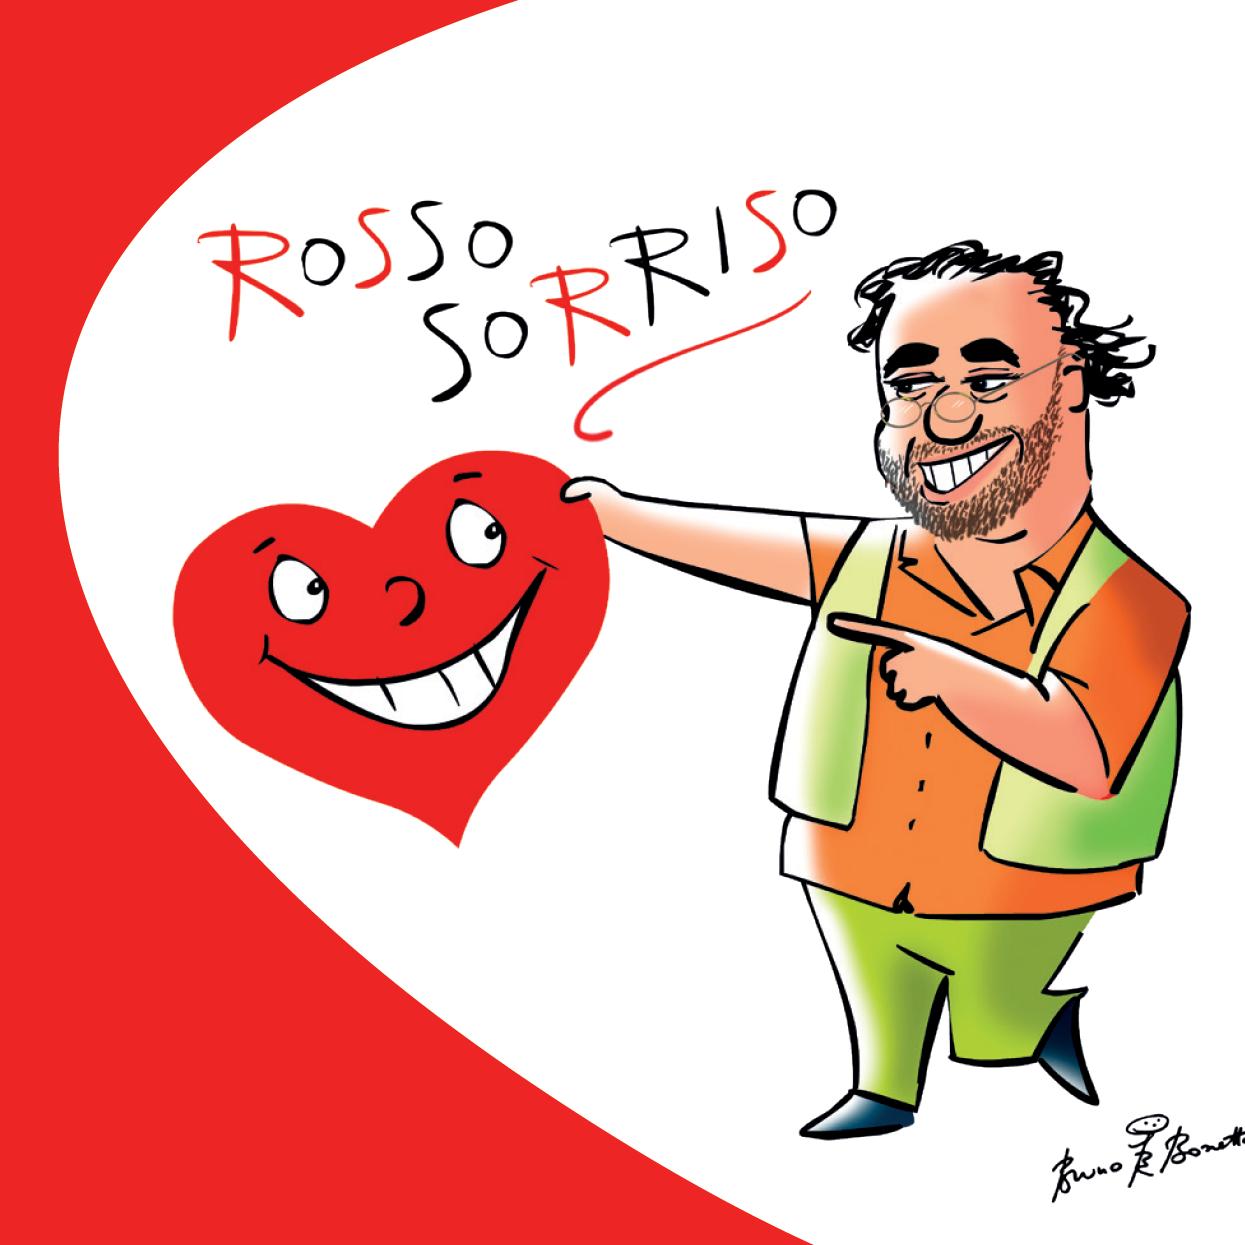 Rosso Sorriso La Casa Dei Regali